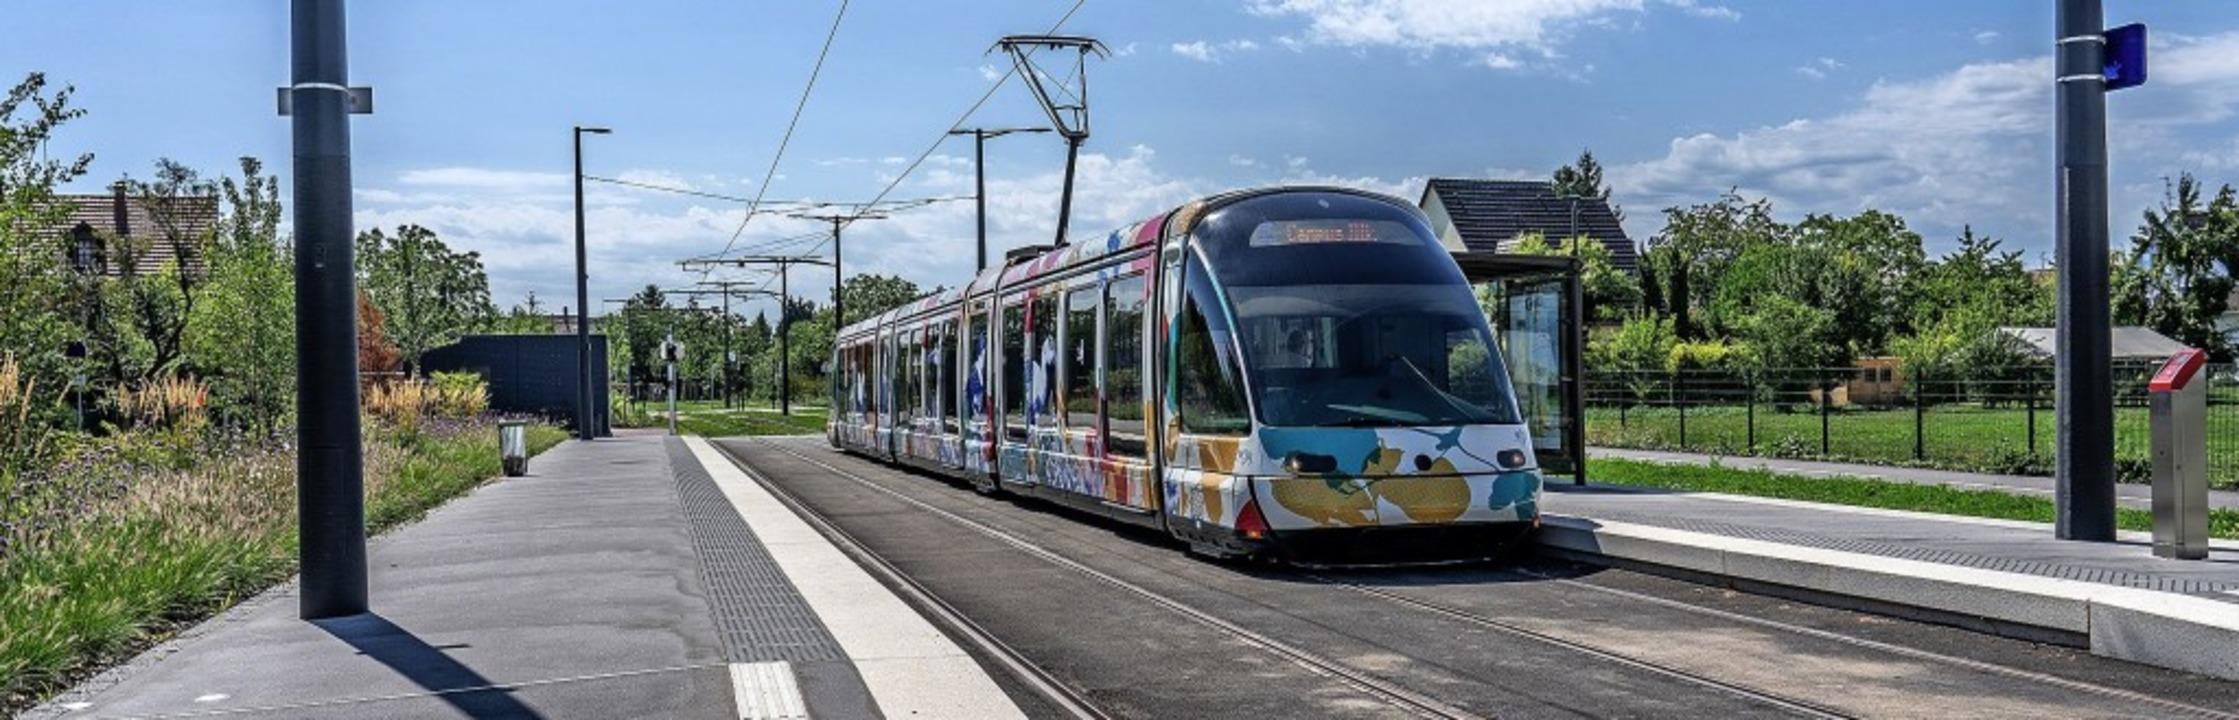 Die Straßburger Tram führt über die Ha... Euro wurden in die Trasse investiert.  | Foto: teli